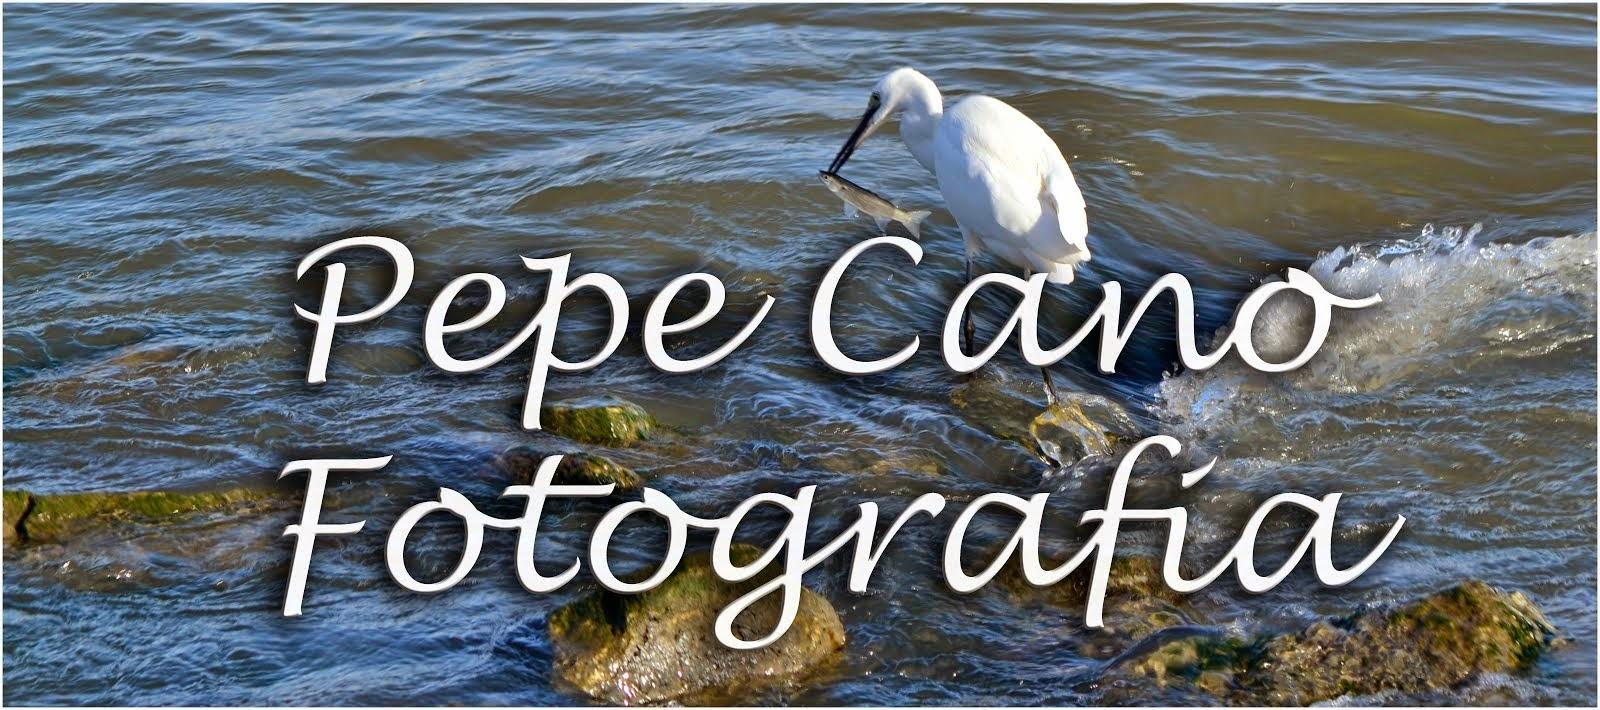 Pepe Cano Fotografia